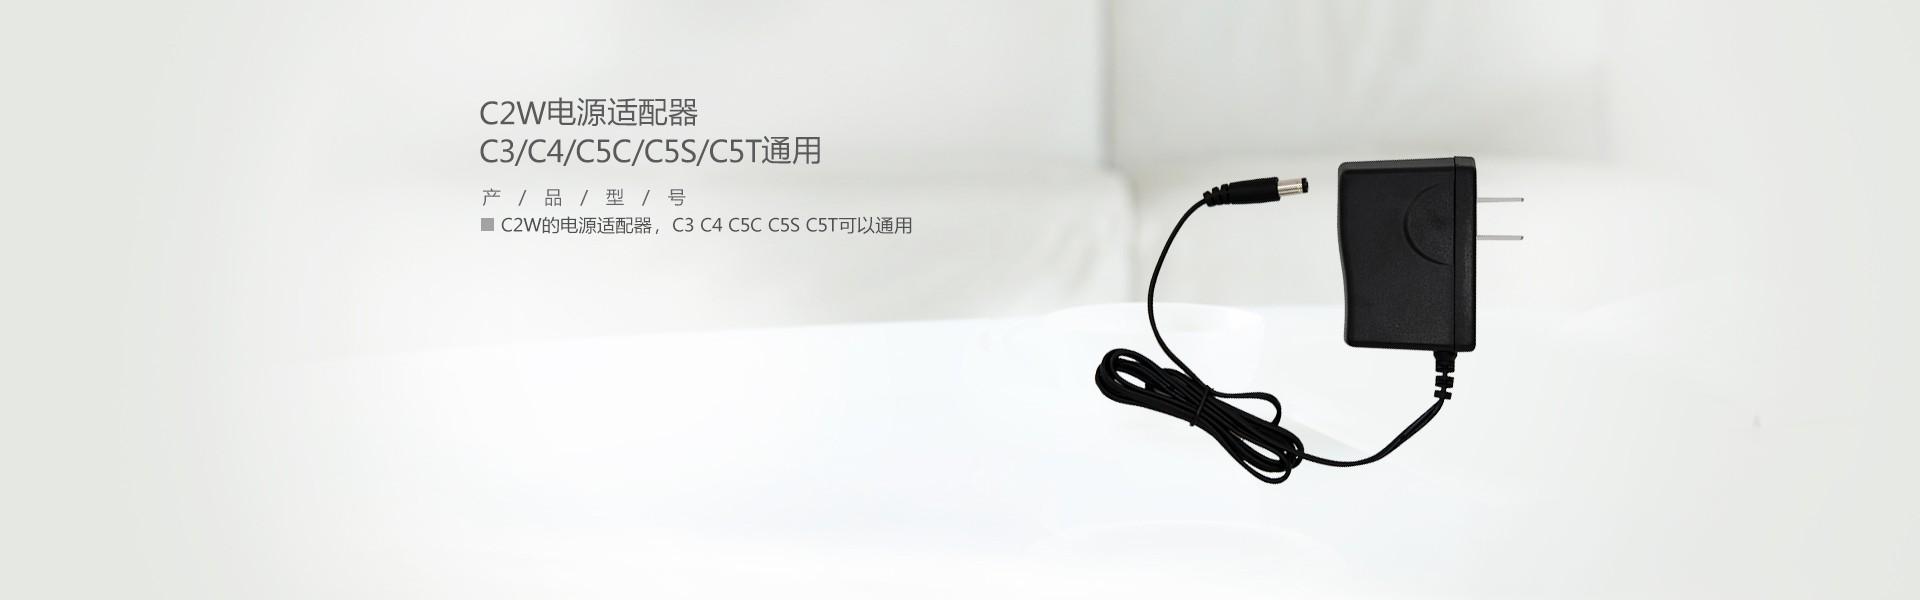 c2-c2s-c2w-web.jpg